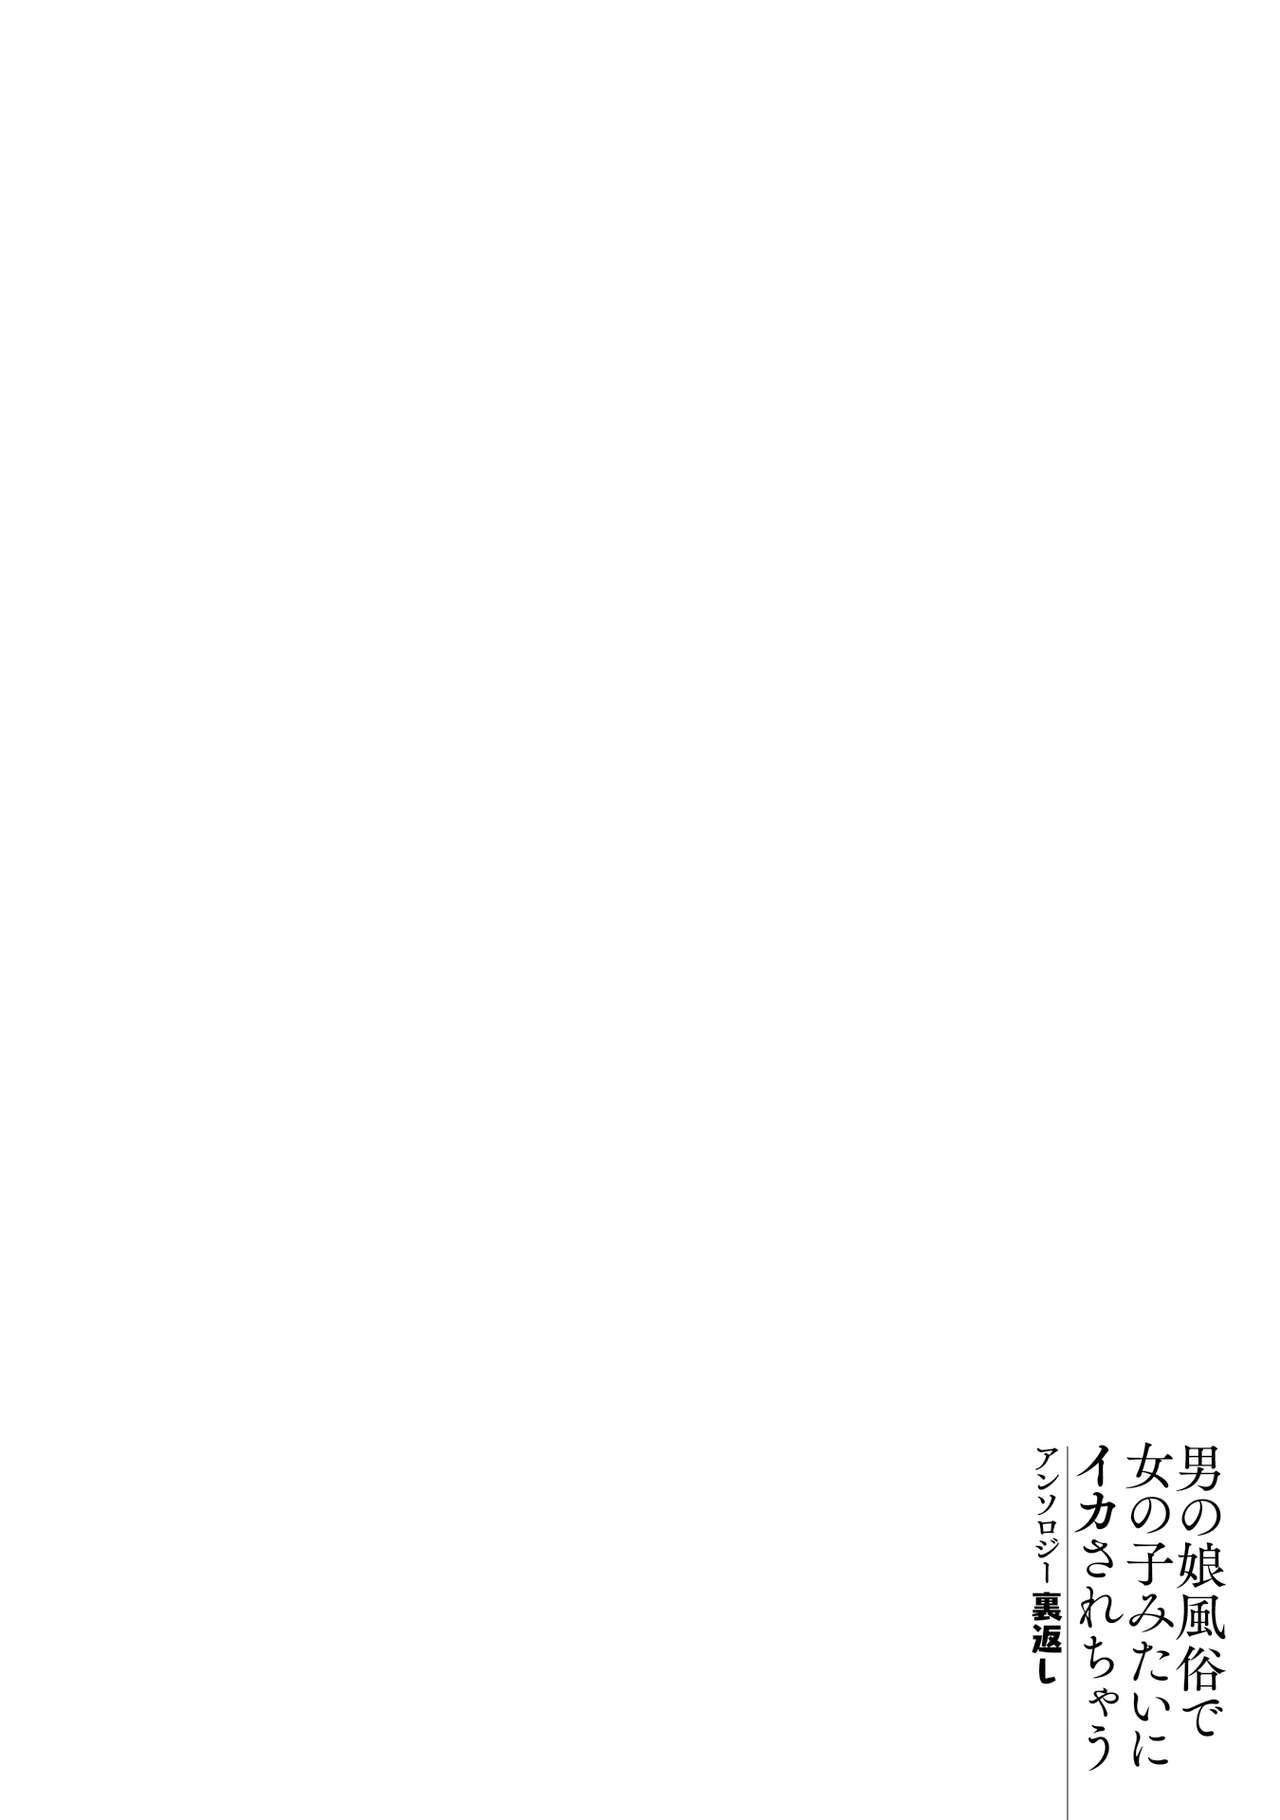 Otokonoko Fuuzoku de Onnanoko Mitai ni Ikasarechau Anthology 2 uragaeshi 69